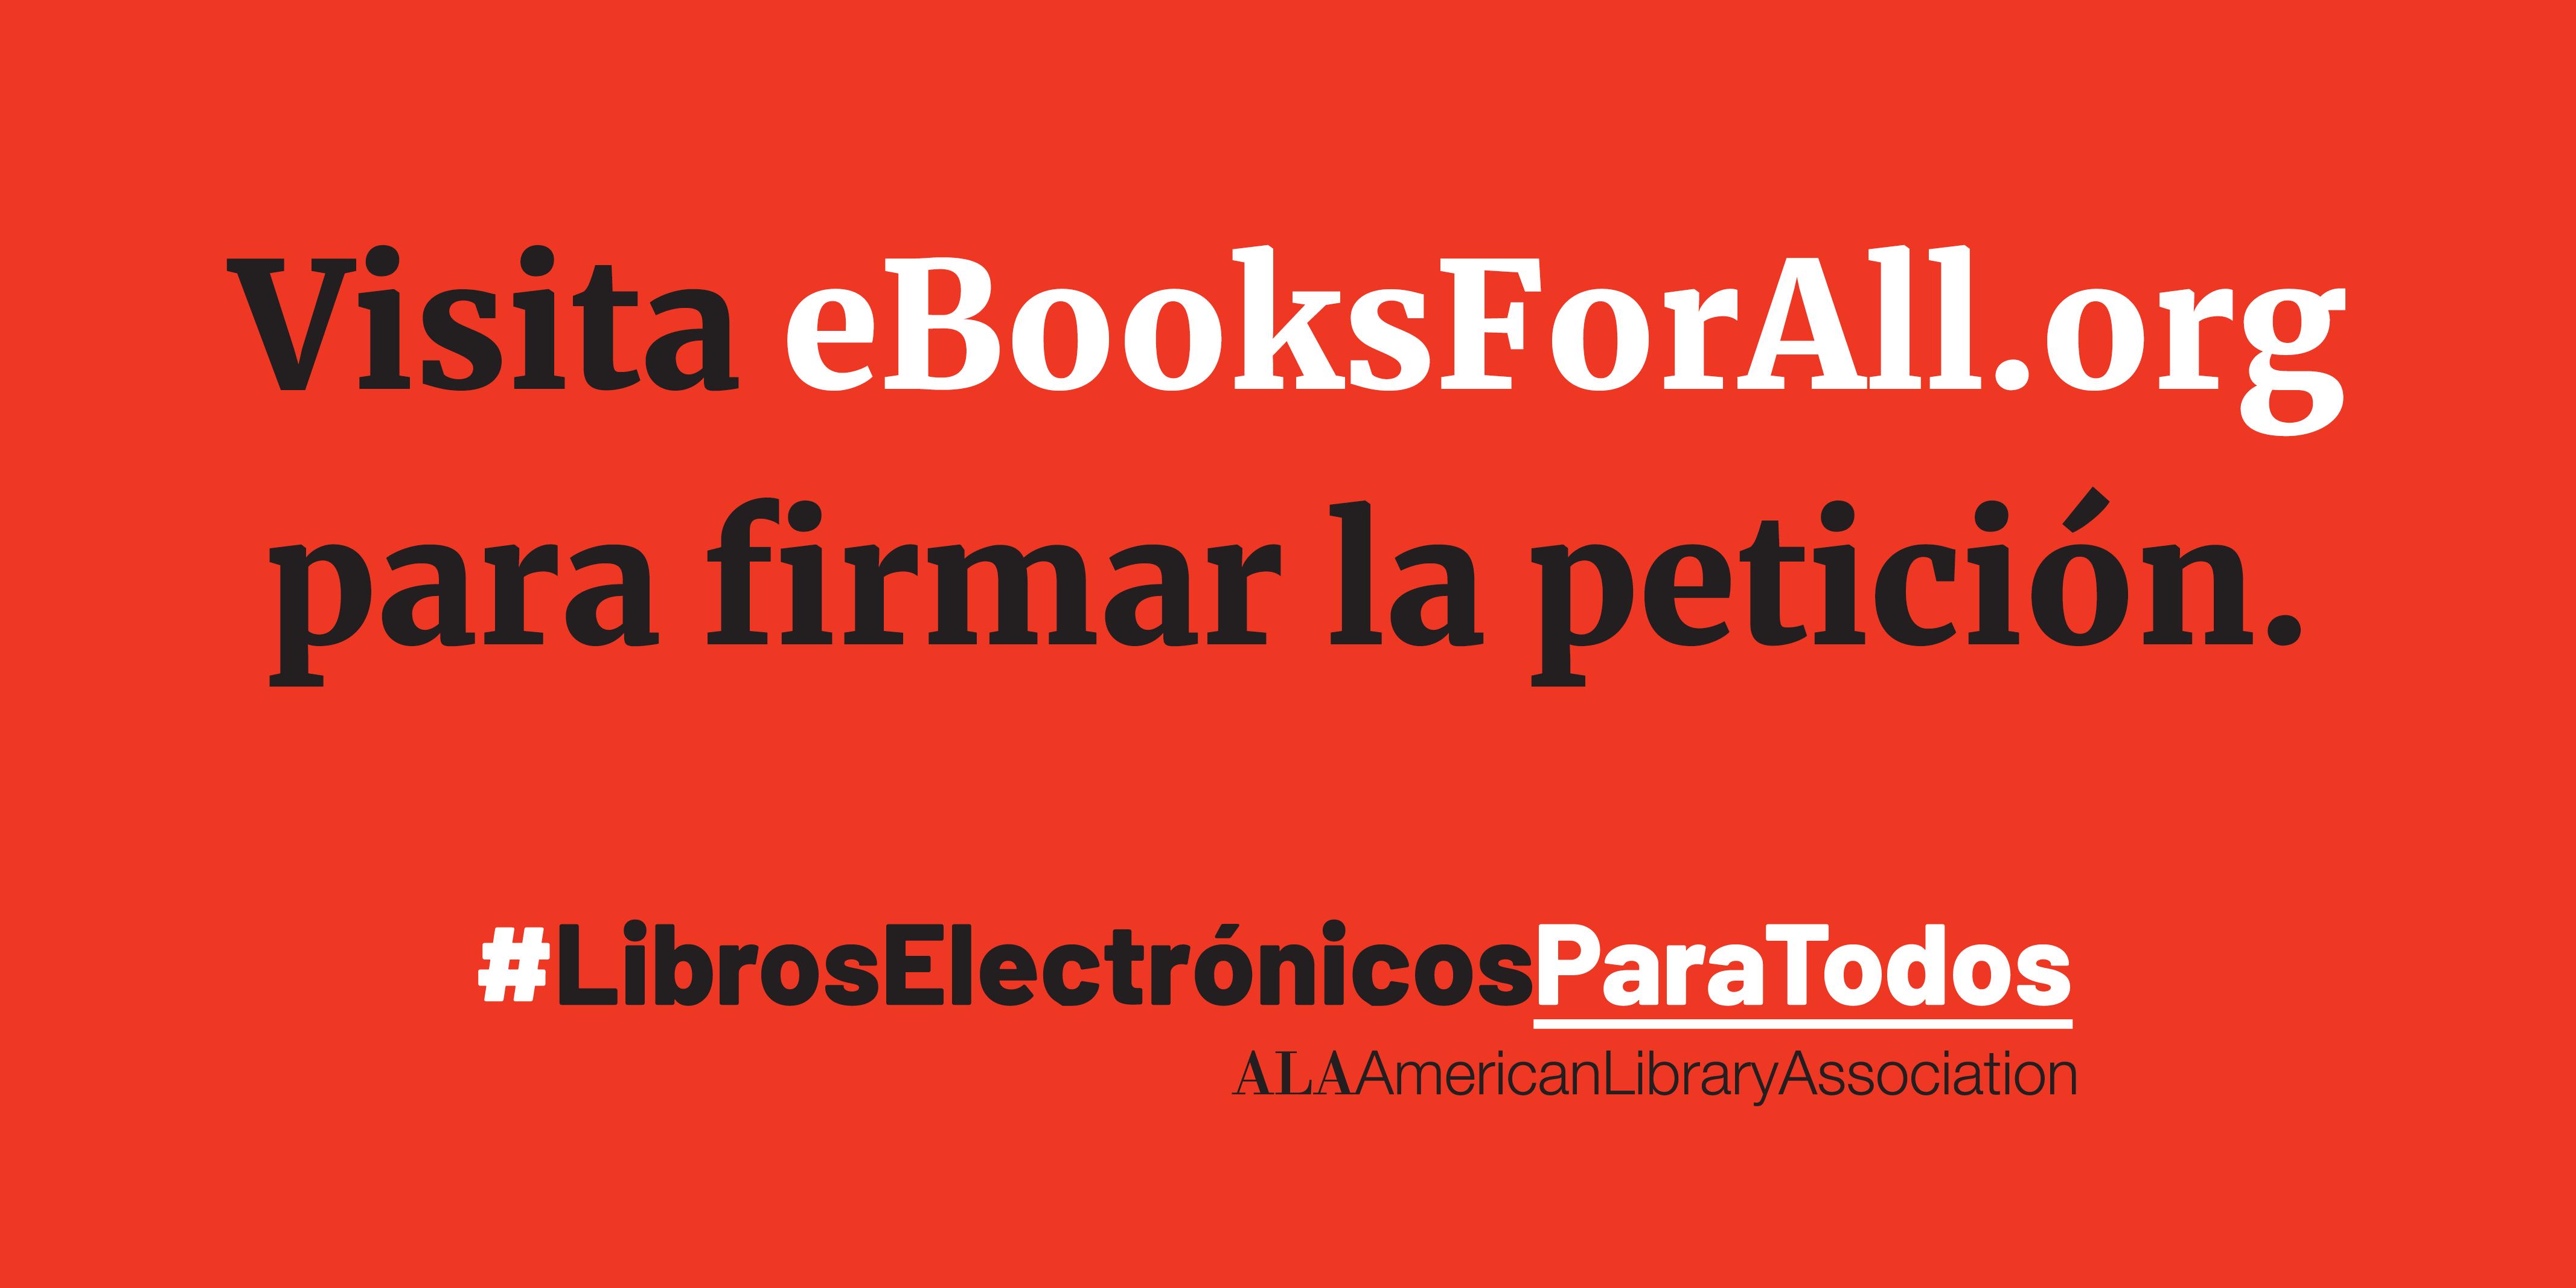 Visita eBooksForAll.org para firmar la petición. #LibrosElectrónicosParaTodos, American Library Association